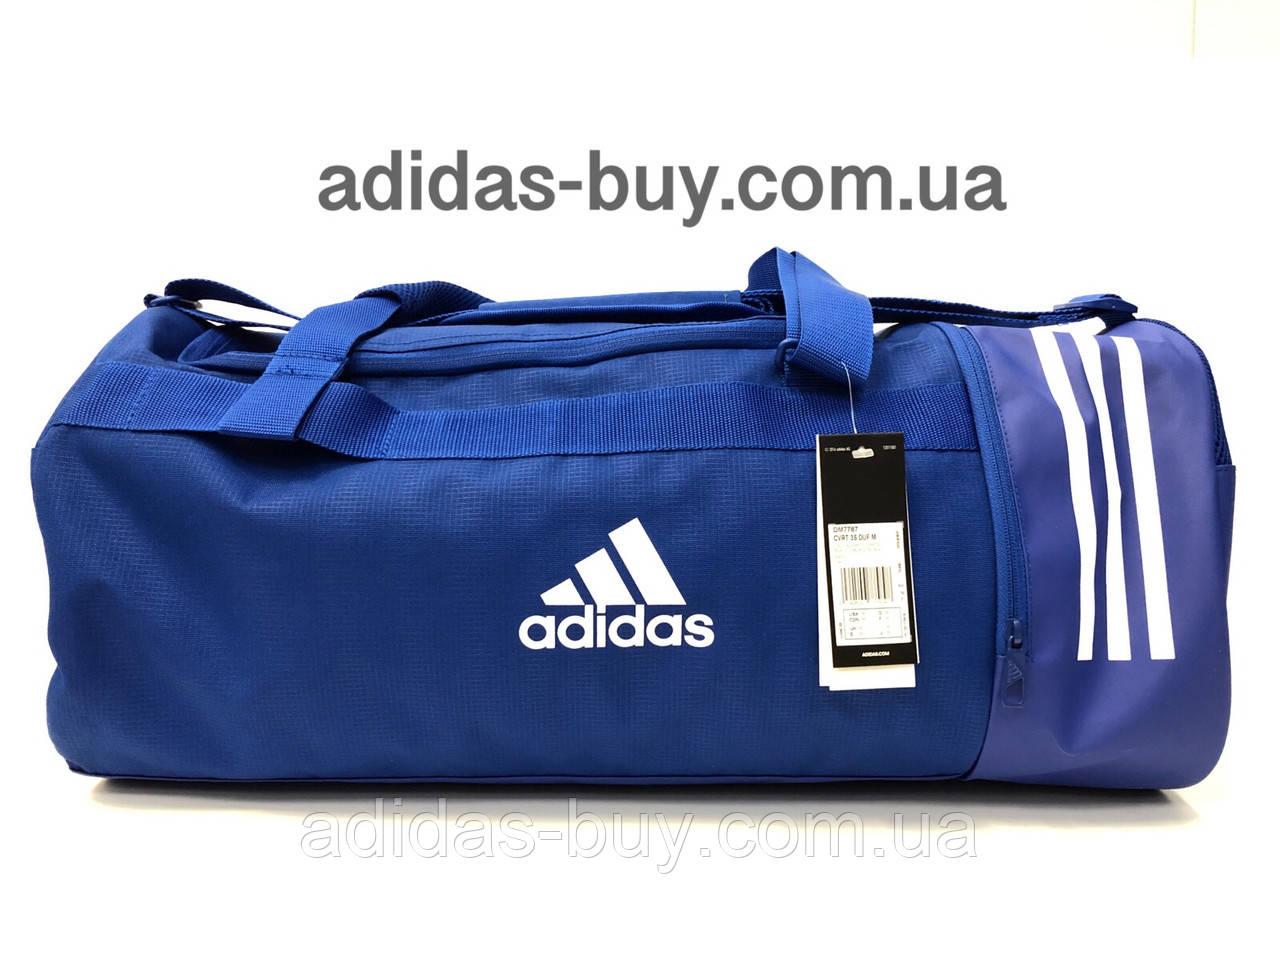 5f65542934eb Сумка спортивная дорожная adidas CONVERTIBLE 3-STRIPES оригинальная DM7787  цвет: синий - ORIGINAL SHOES